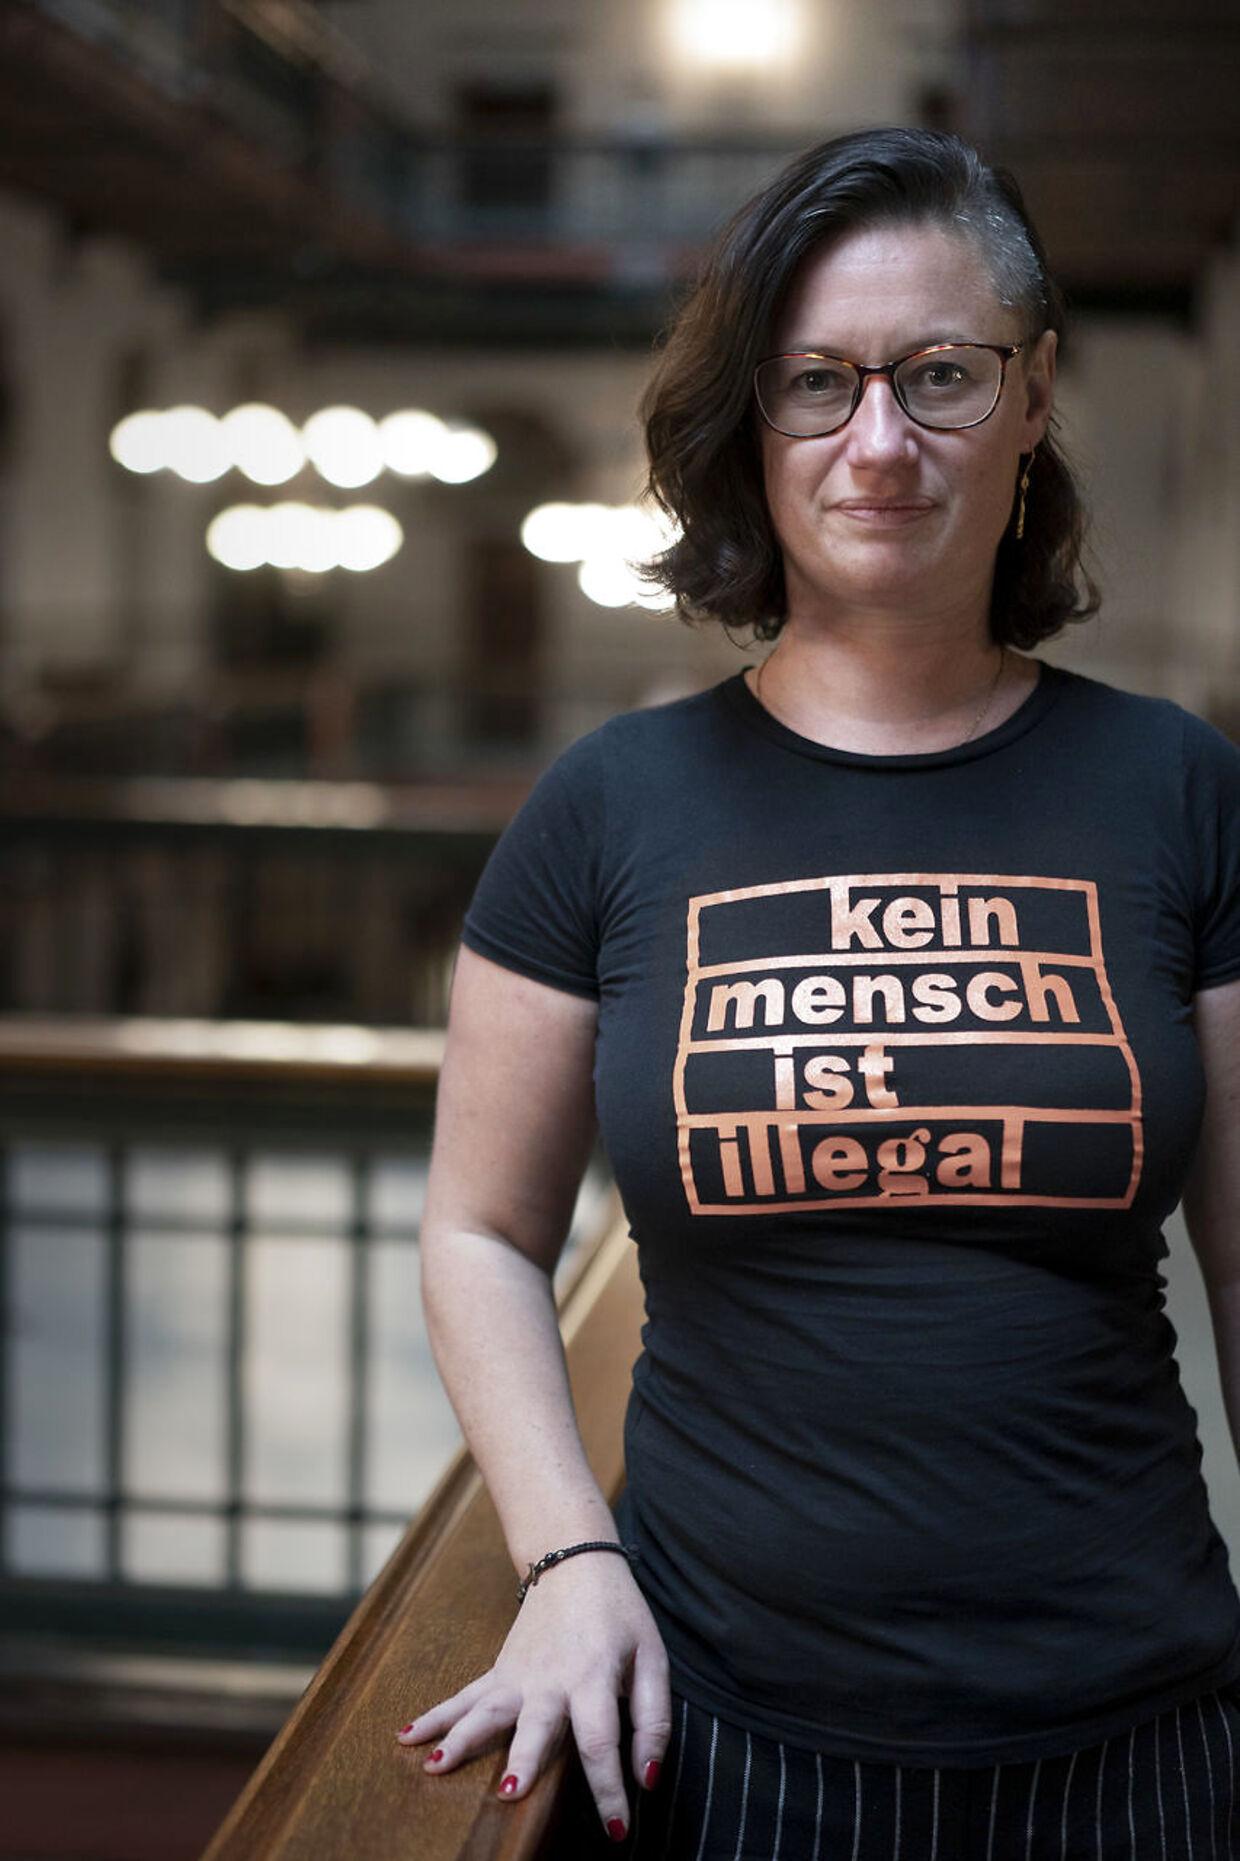 Ninna Hedeager Olsen: »Der lå ingen trusler i det. Men alligevel er det over stregen og udtryk for dårlig humor.«